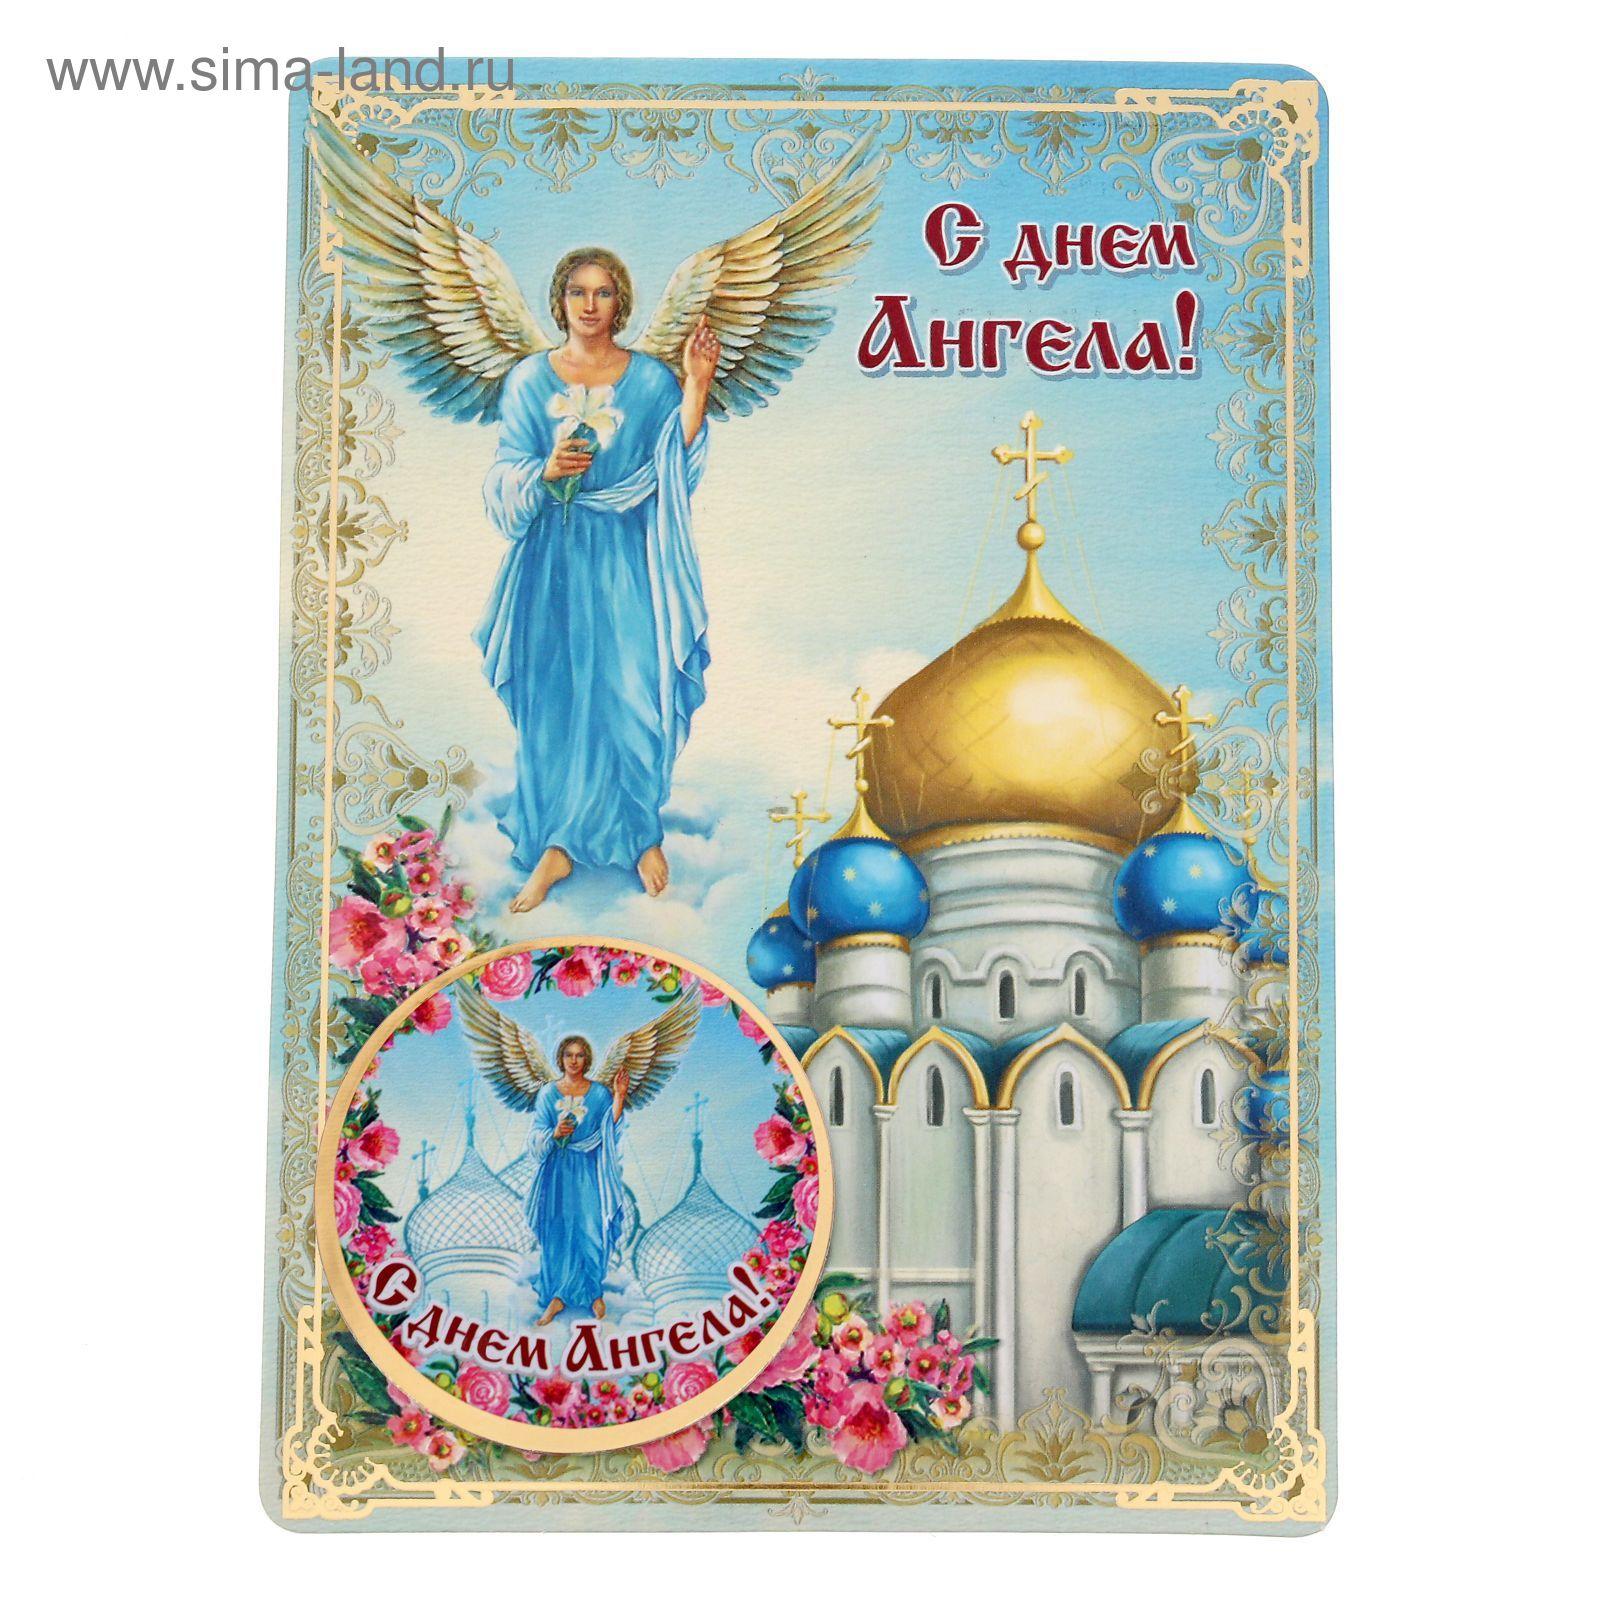 Православные открытки вконтакте, сделать